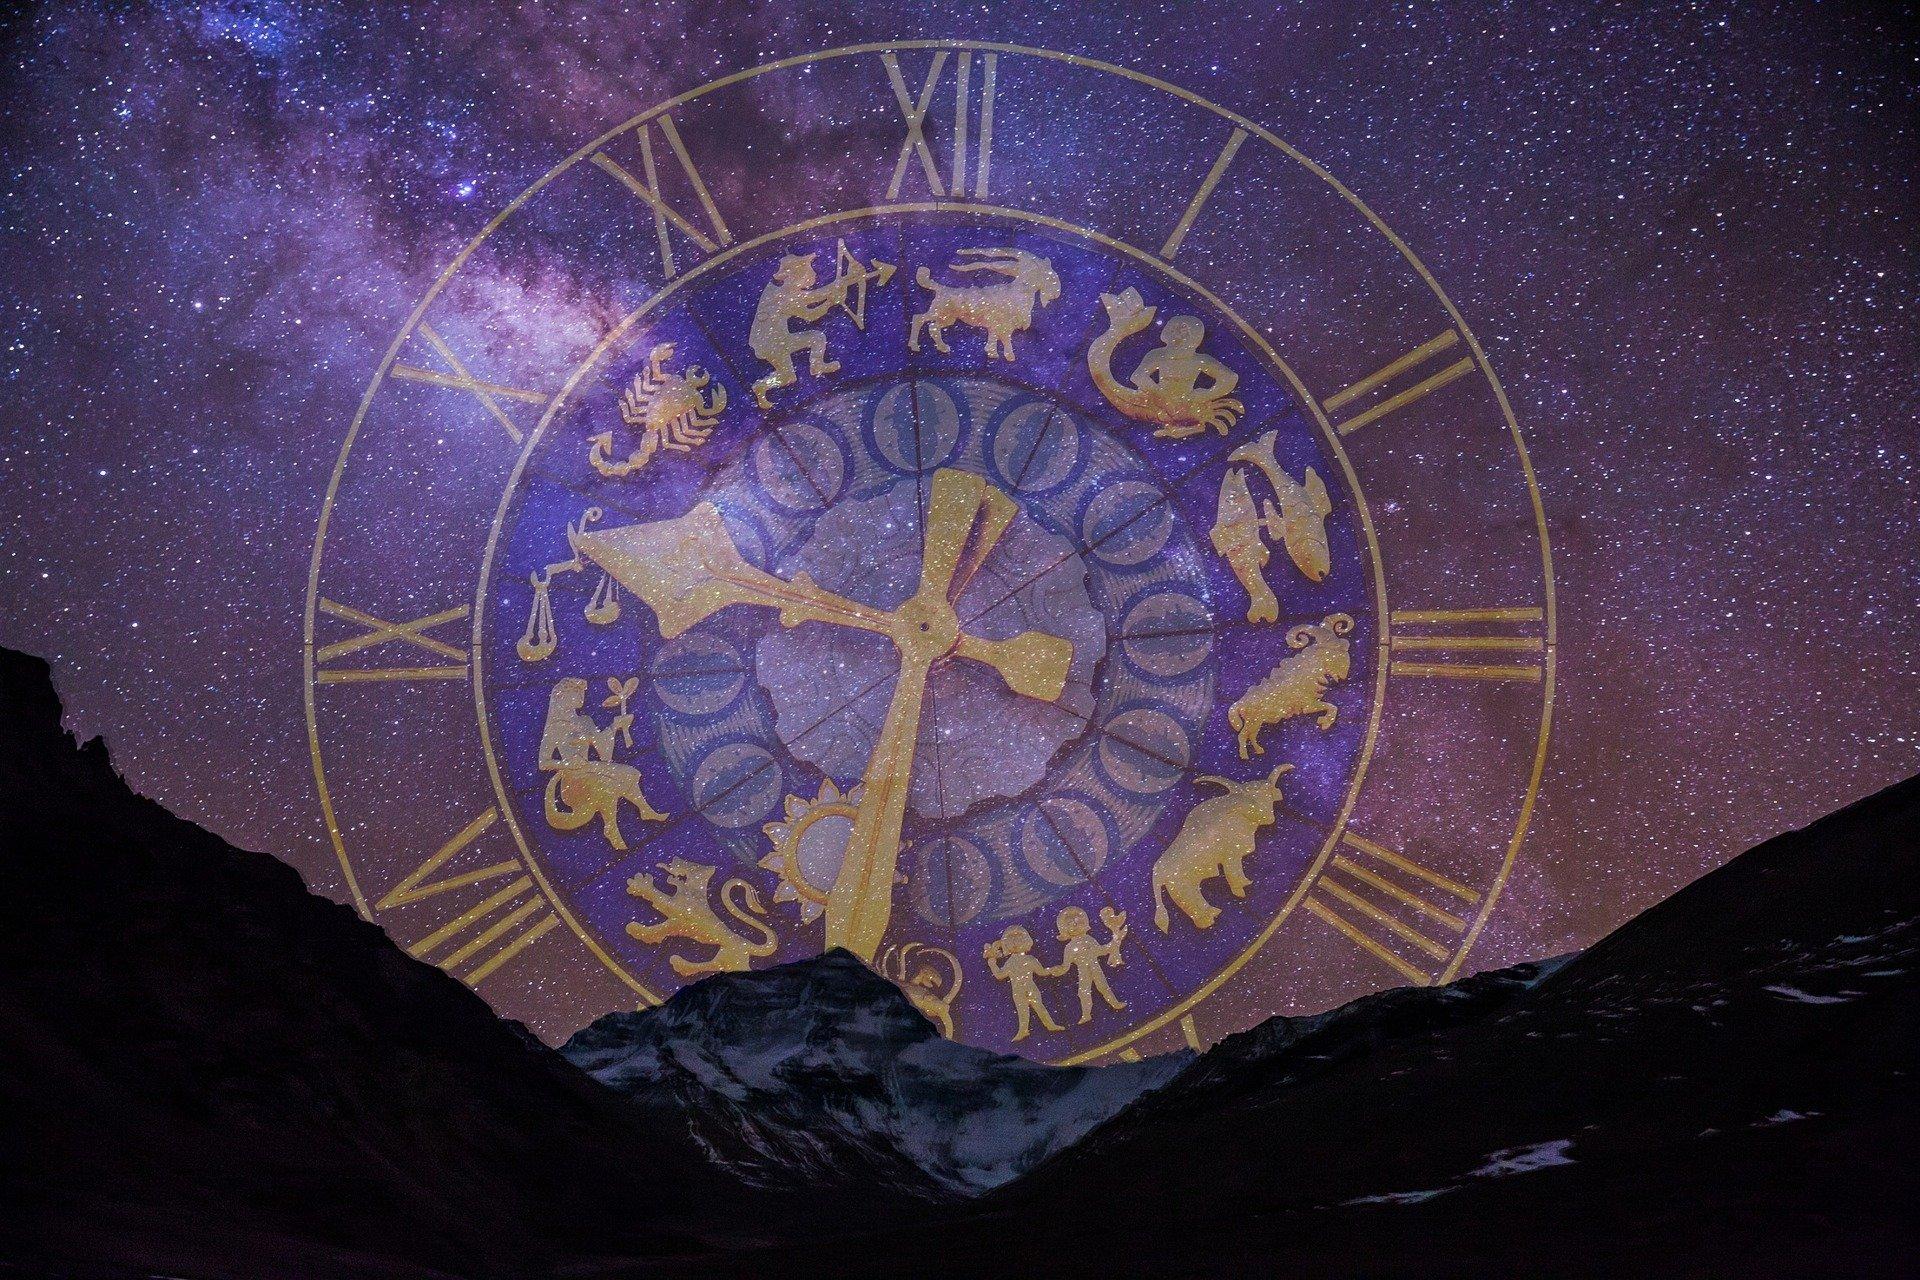 Solstiţiul de iarnă 2020 din perspectiva astrologică